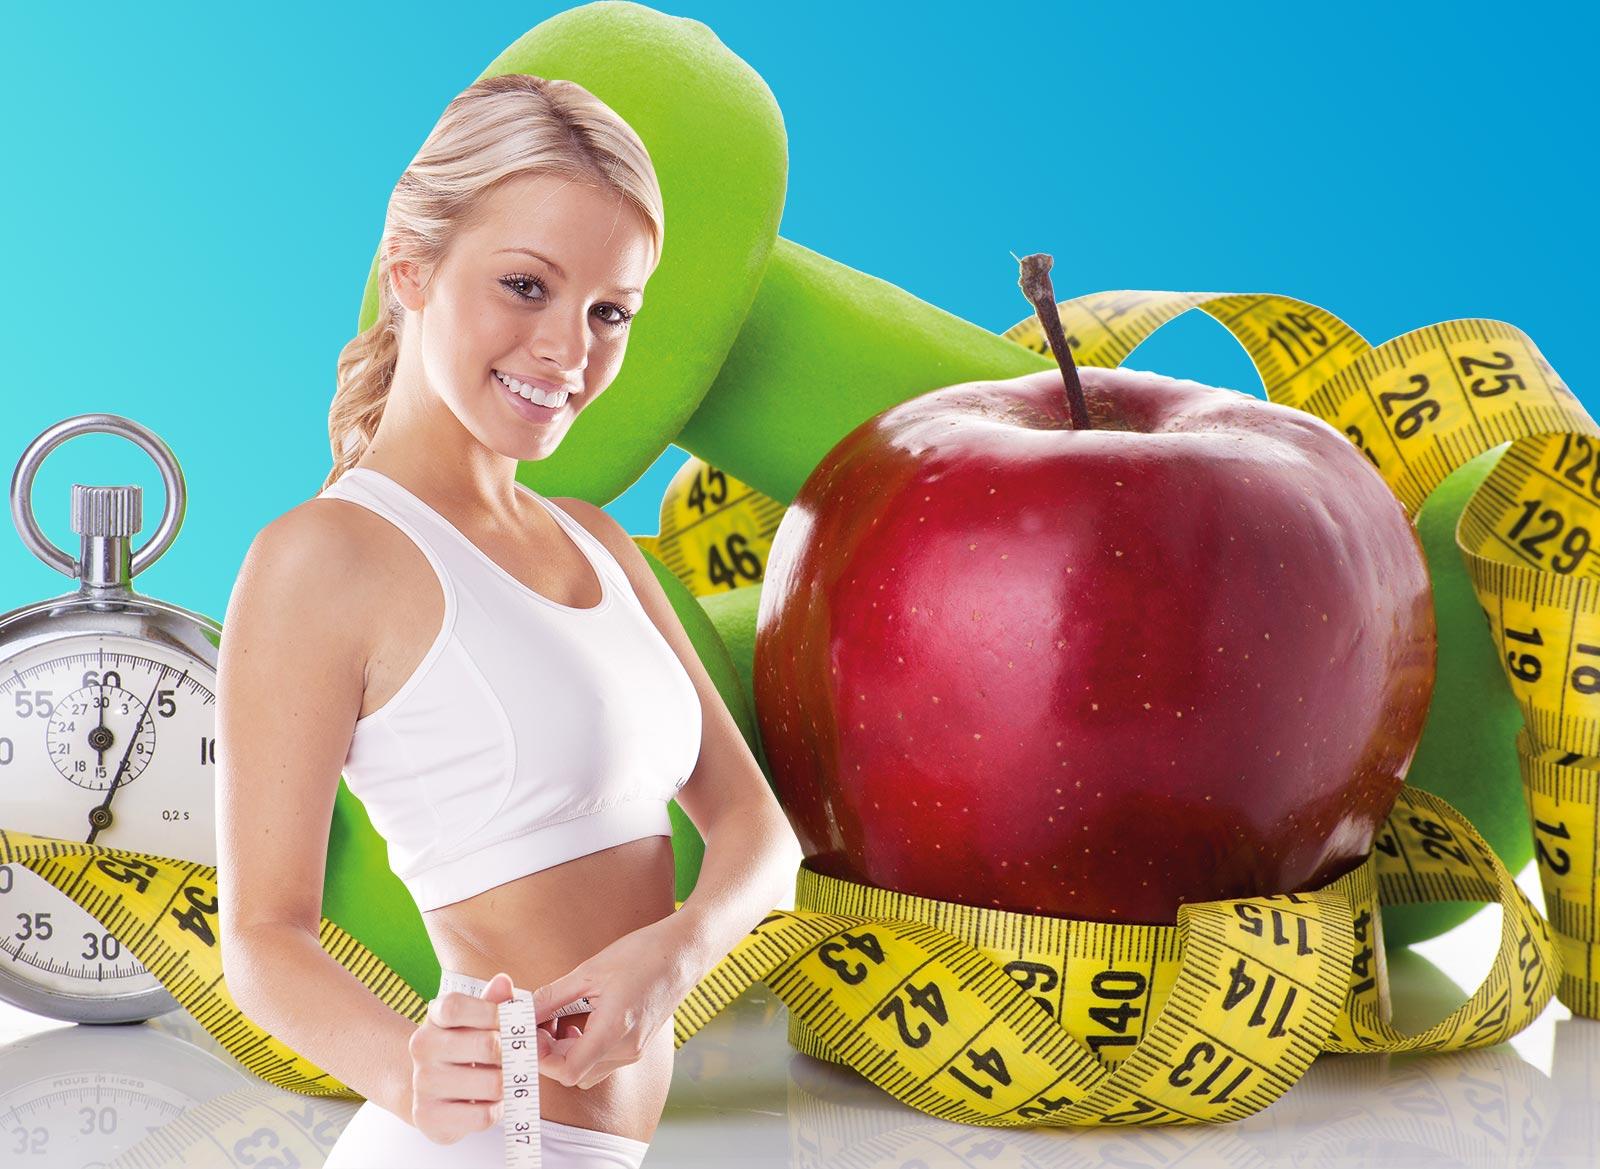 Сбросить лишний вес в короткое время